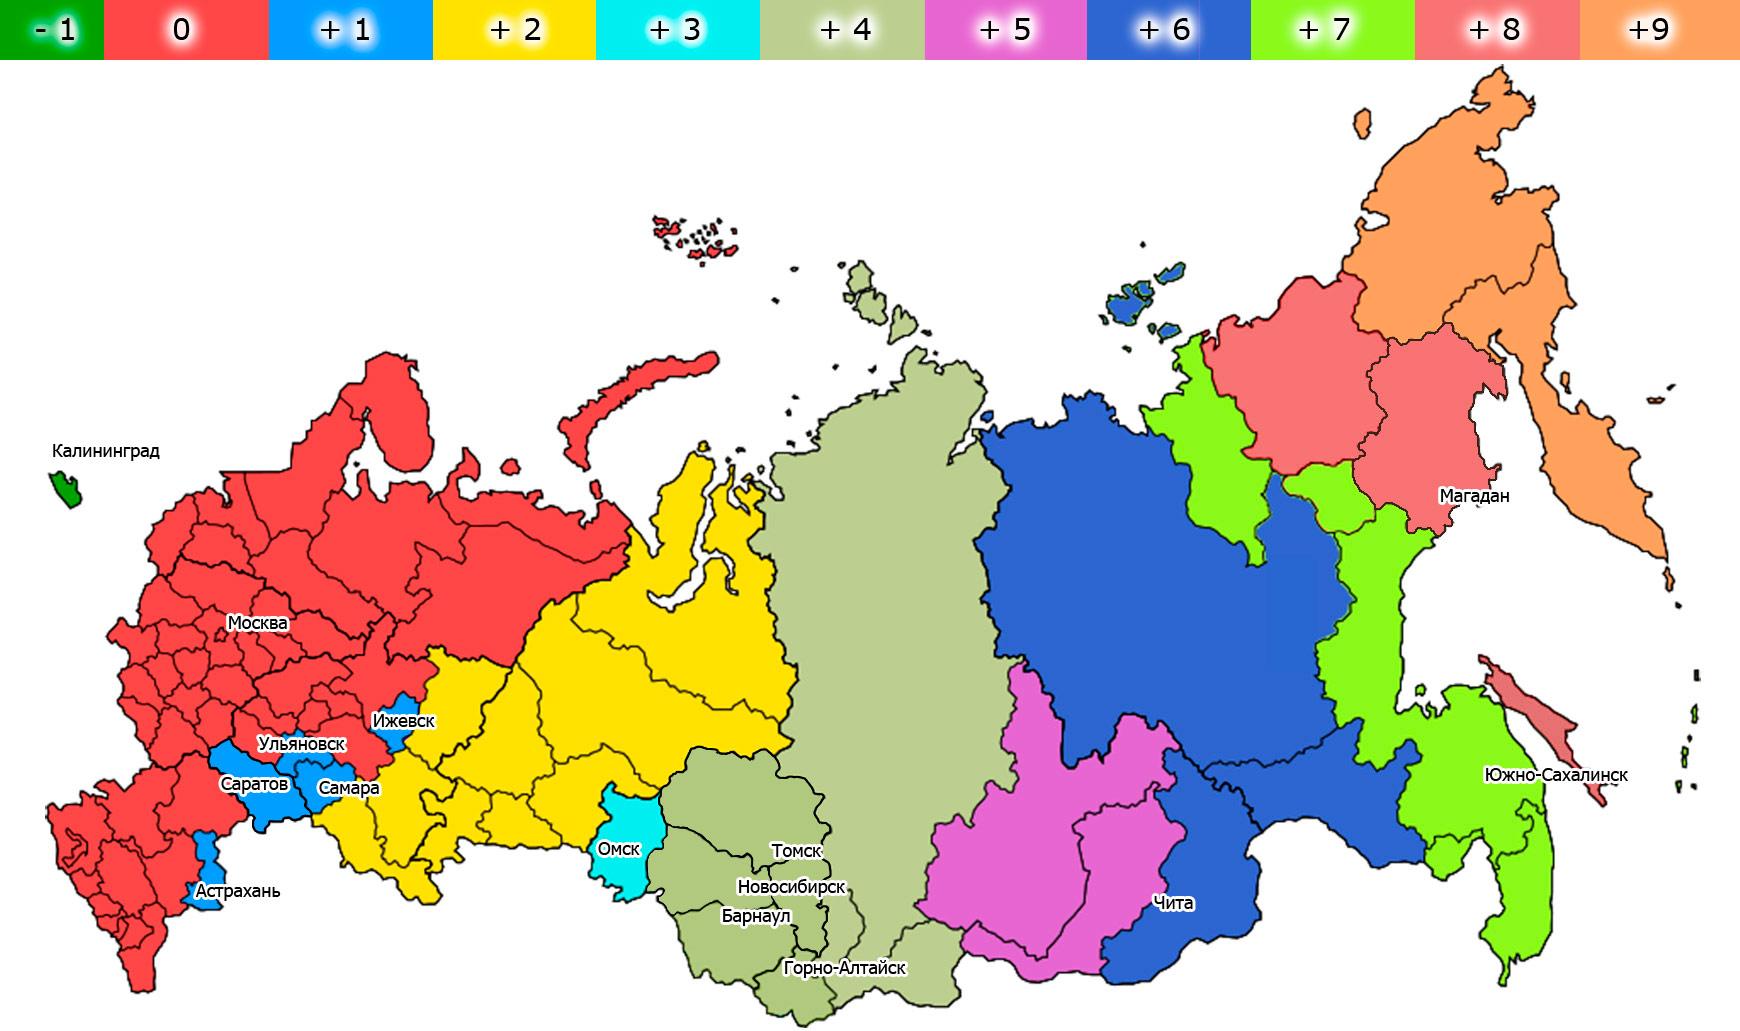 карта часовых поясов россии в 2016 году